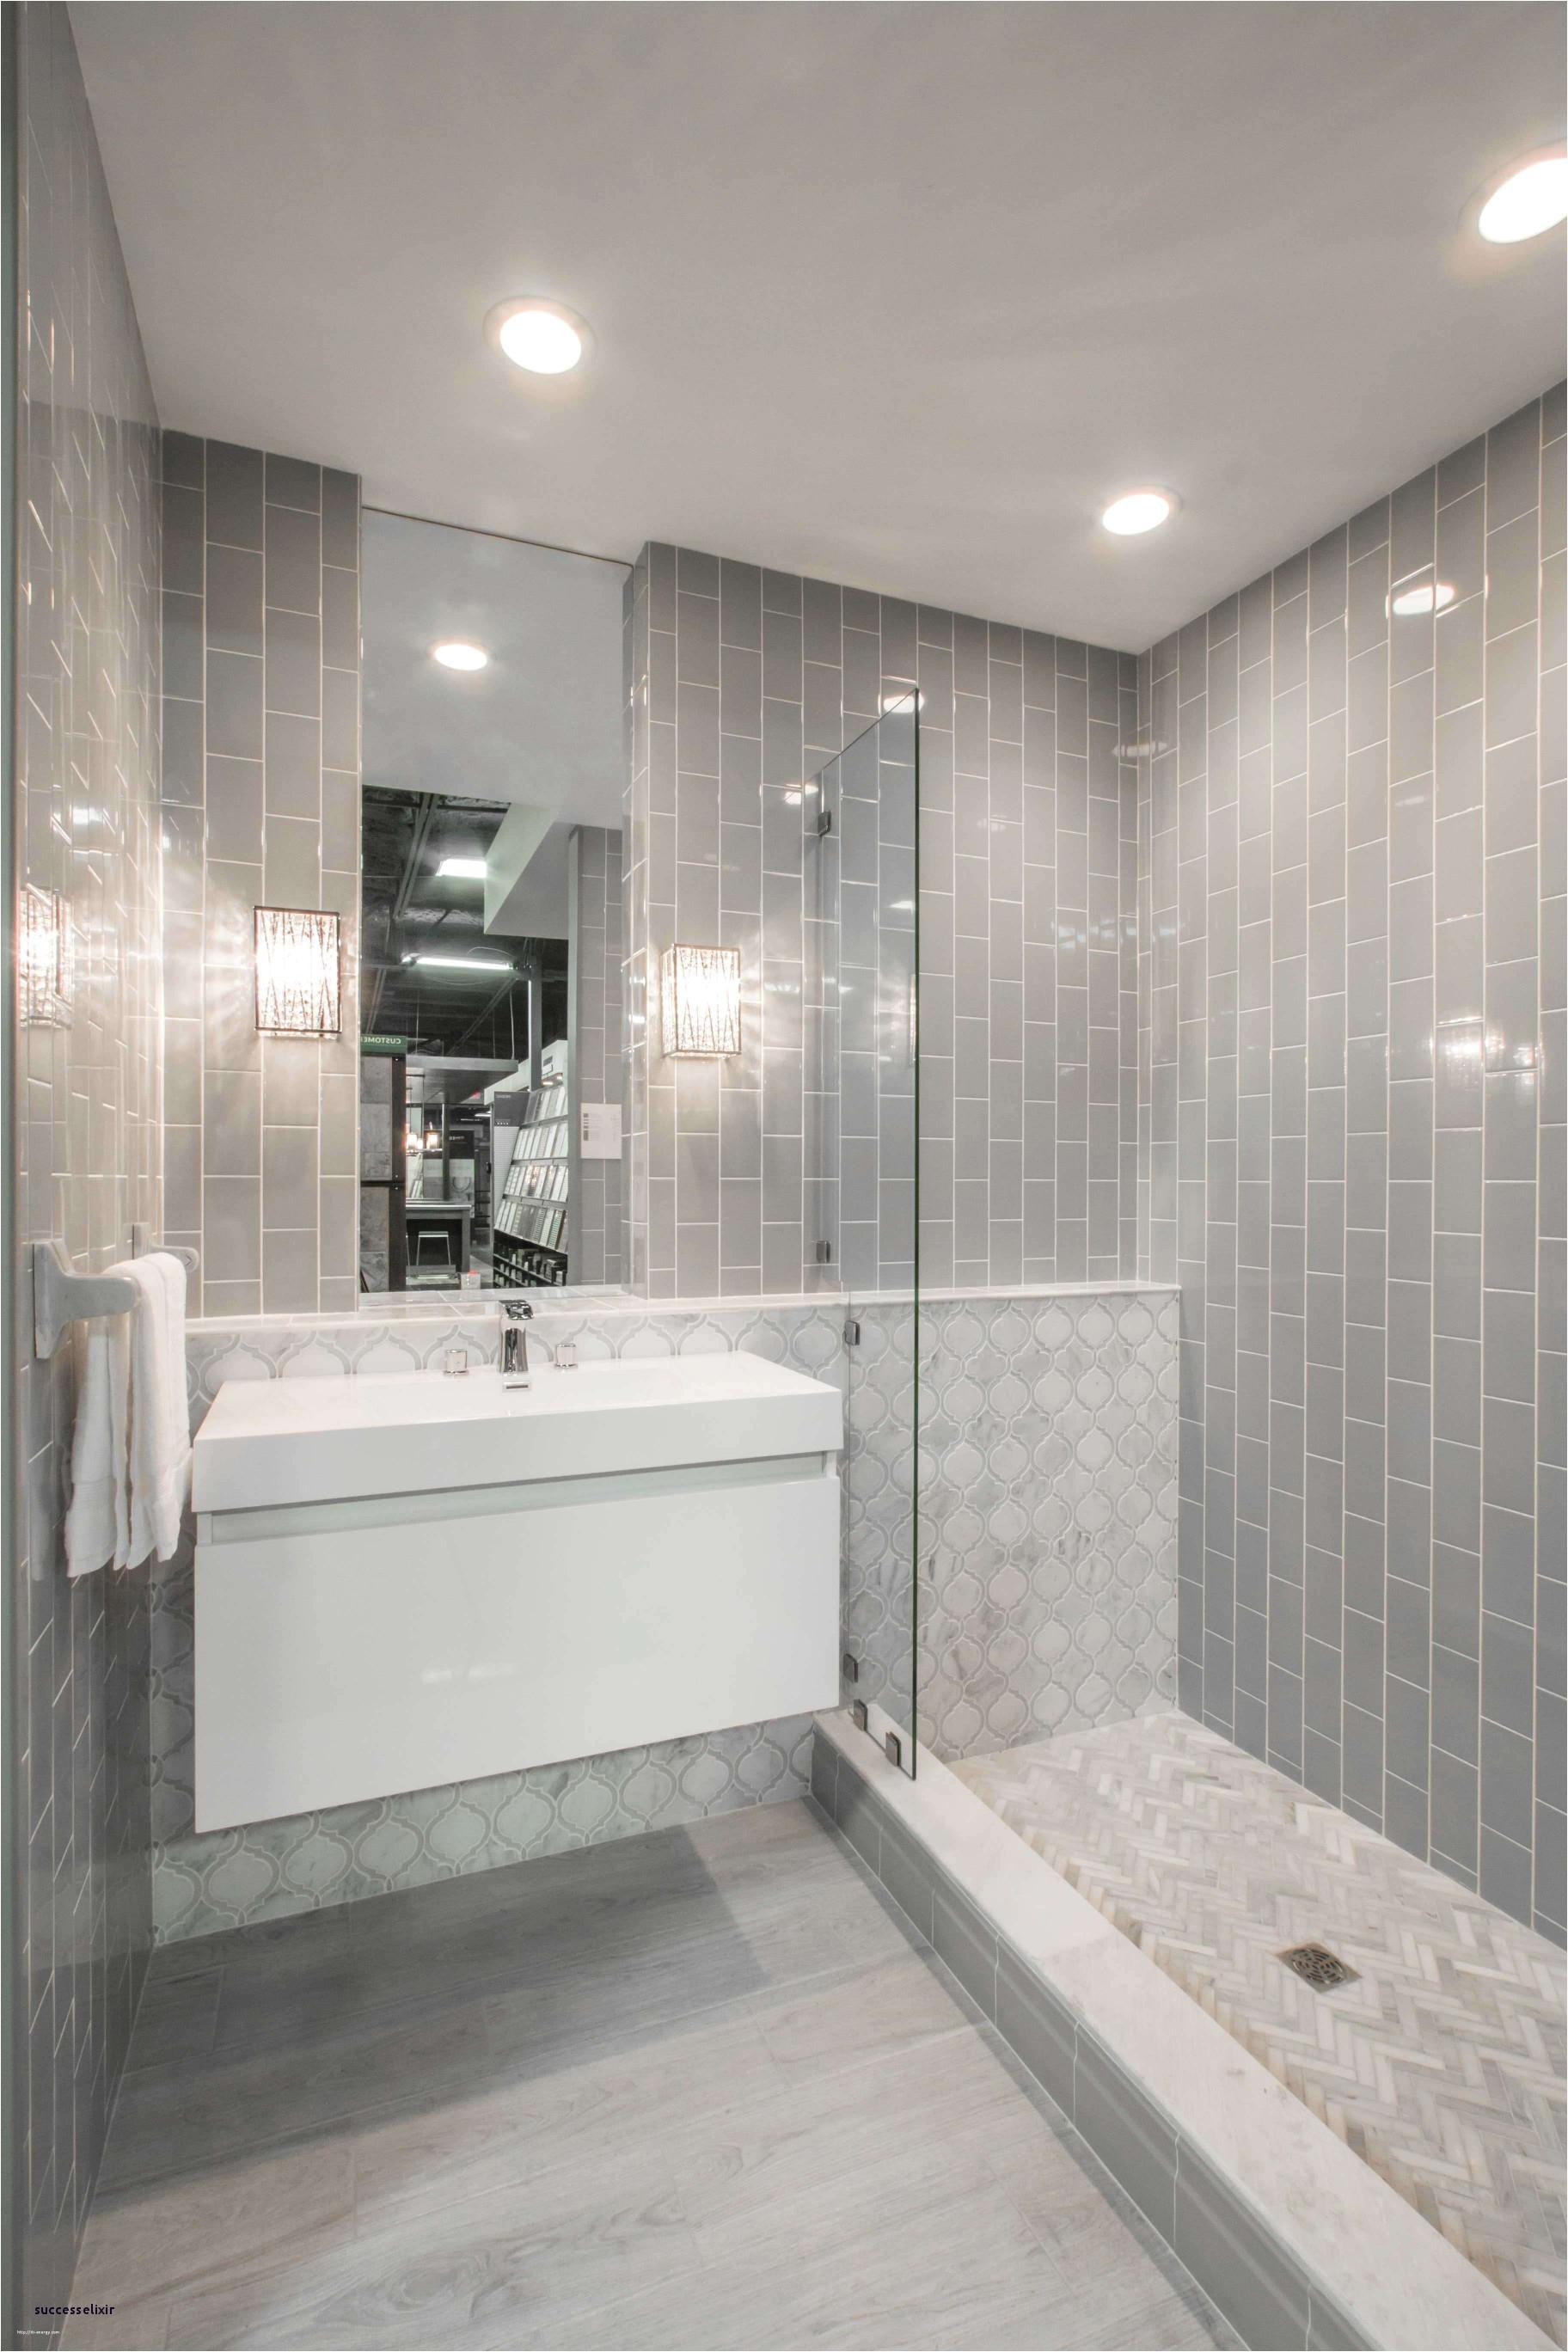 Modern Contemporary Bathroom Design Ideas Marvelous Small Bathroom Shower Tile Ideas